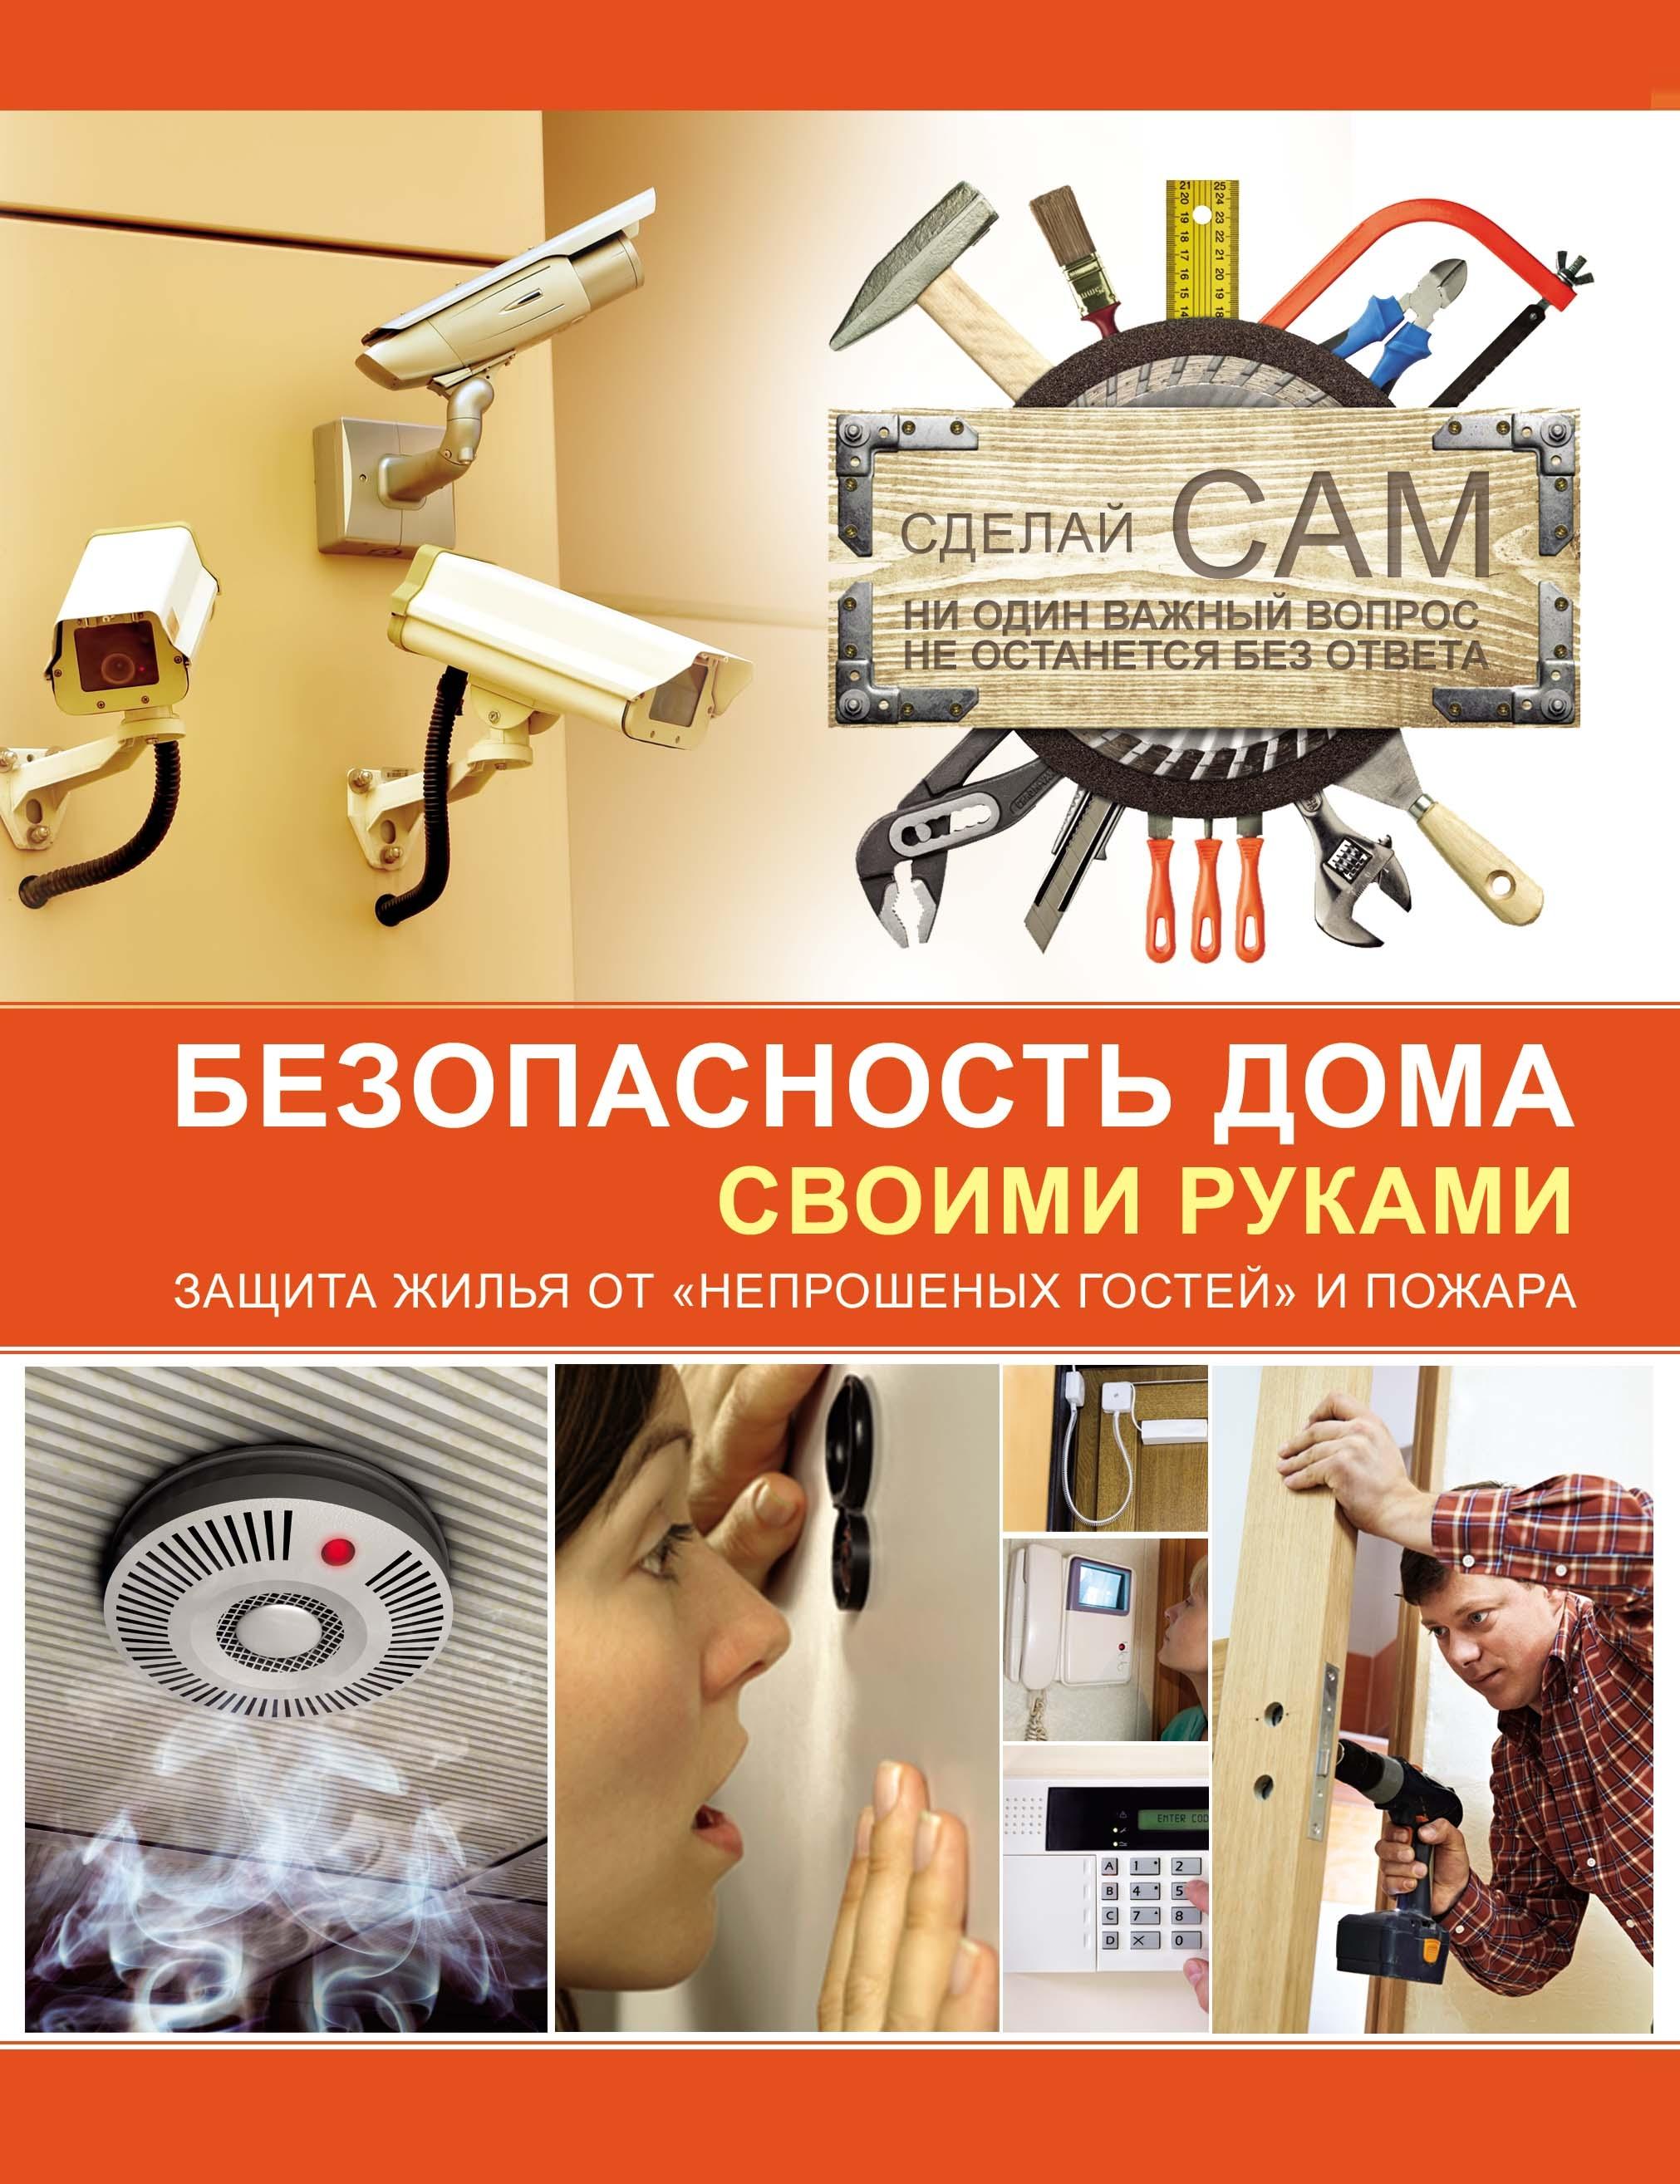 Мерников А.Г. Безопасность дома своими руками мерников а безопасность дома своими руками